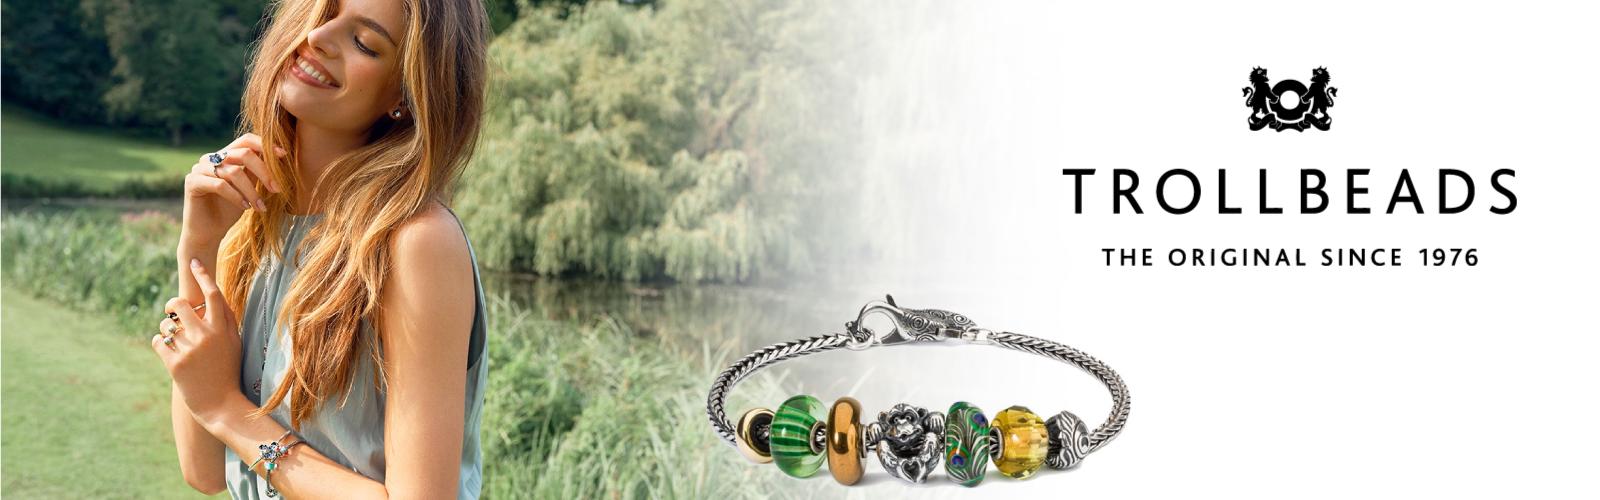 trollbeads-sieraden,-armbanden,-hangers,-kralen-actiearmband-winter-bij-Wolters-Juweliers-Coevorden-Emmen-Hardenberg